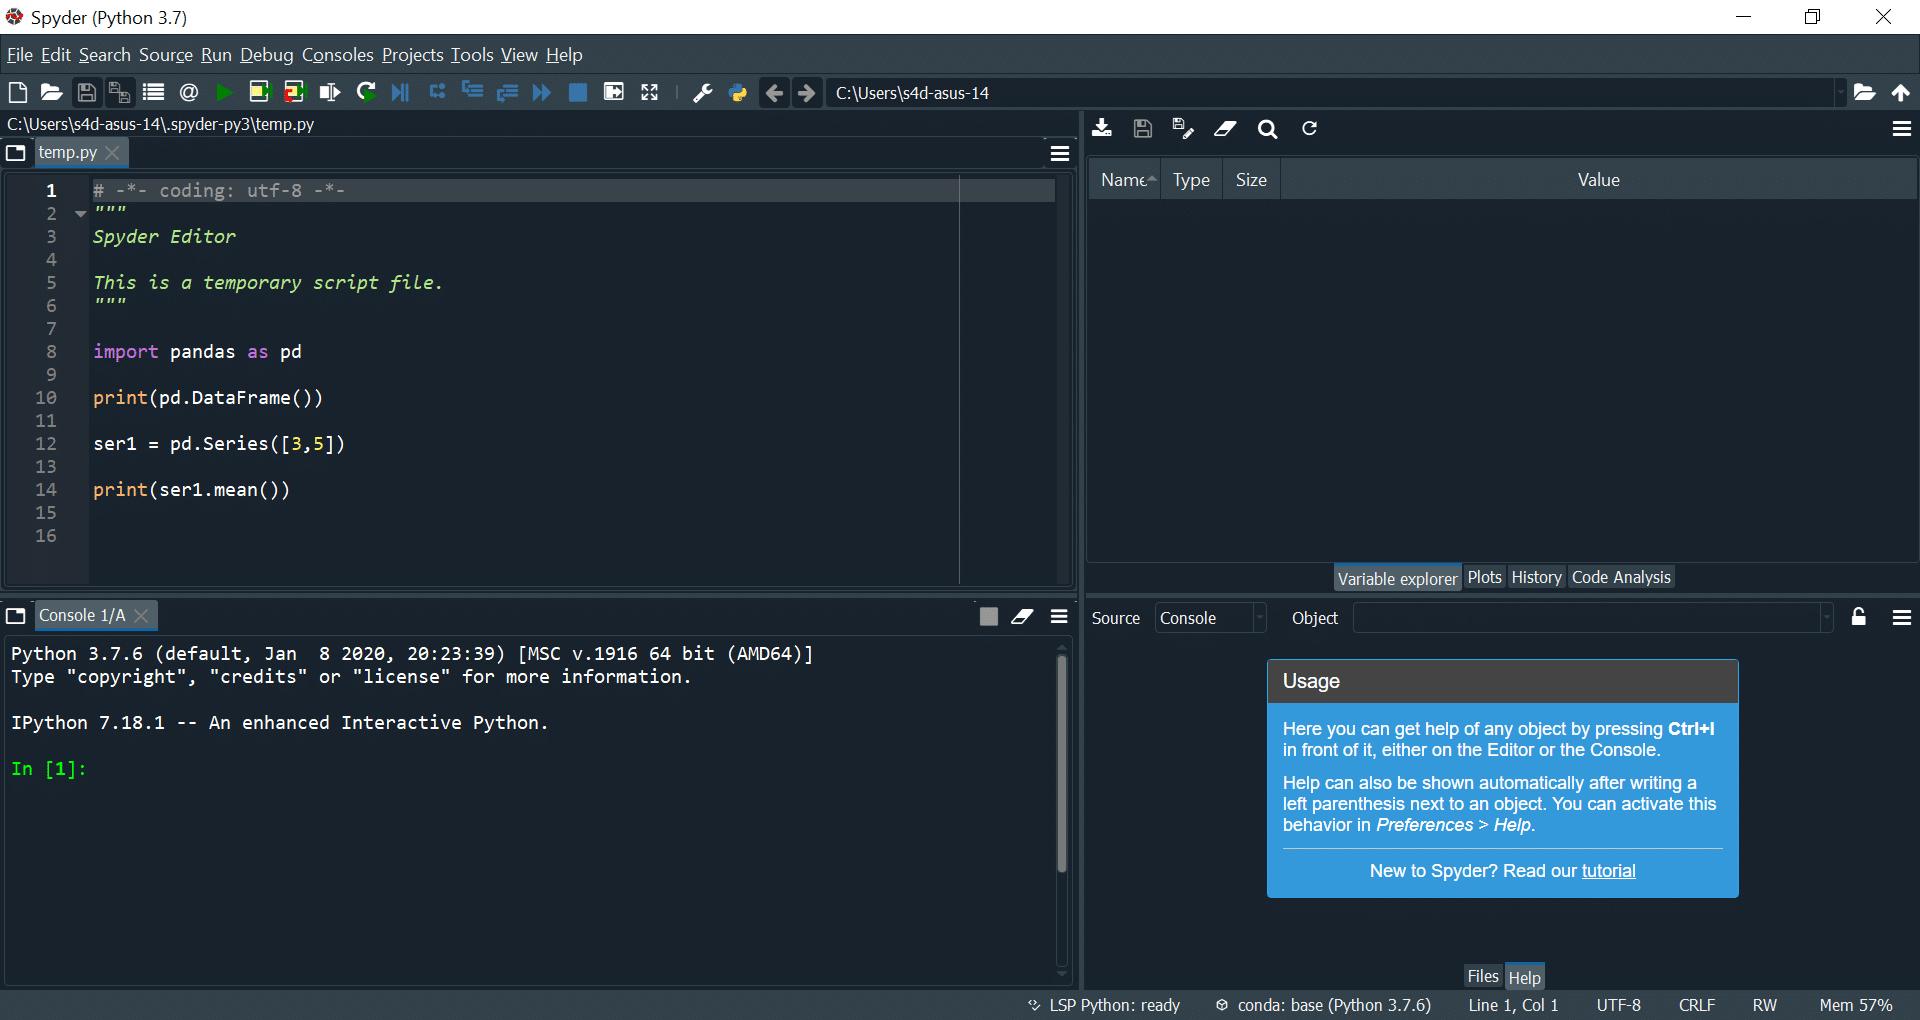 Spyder IDE